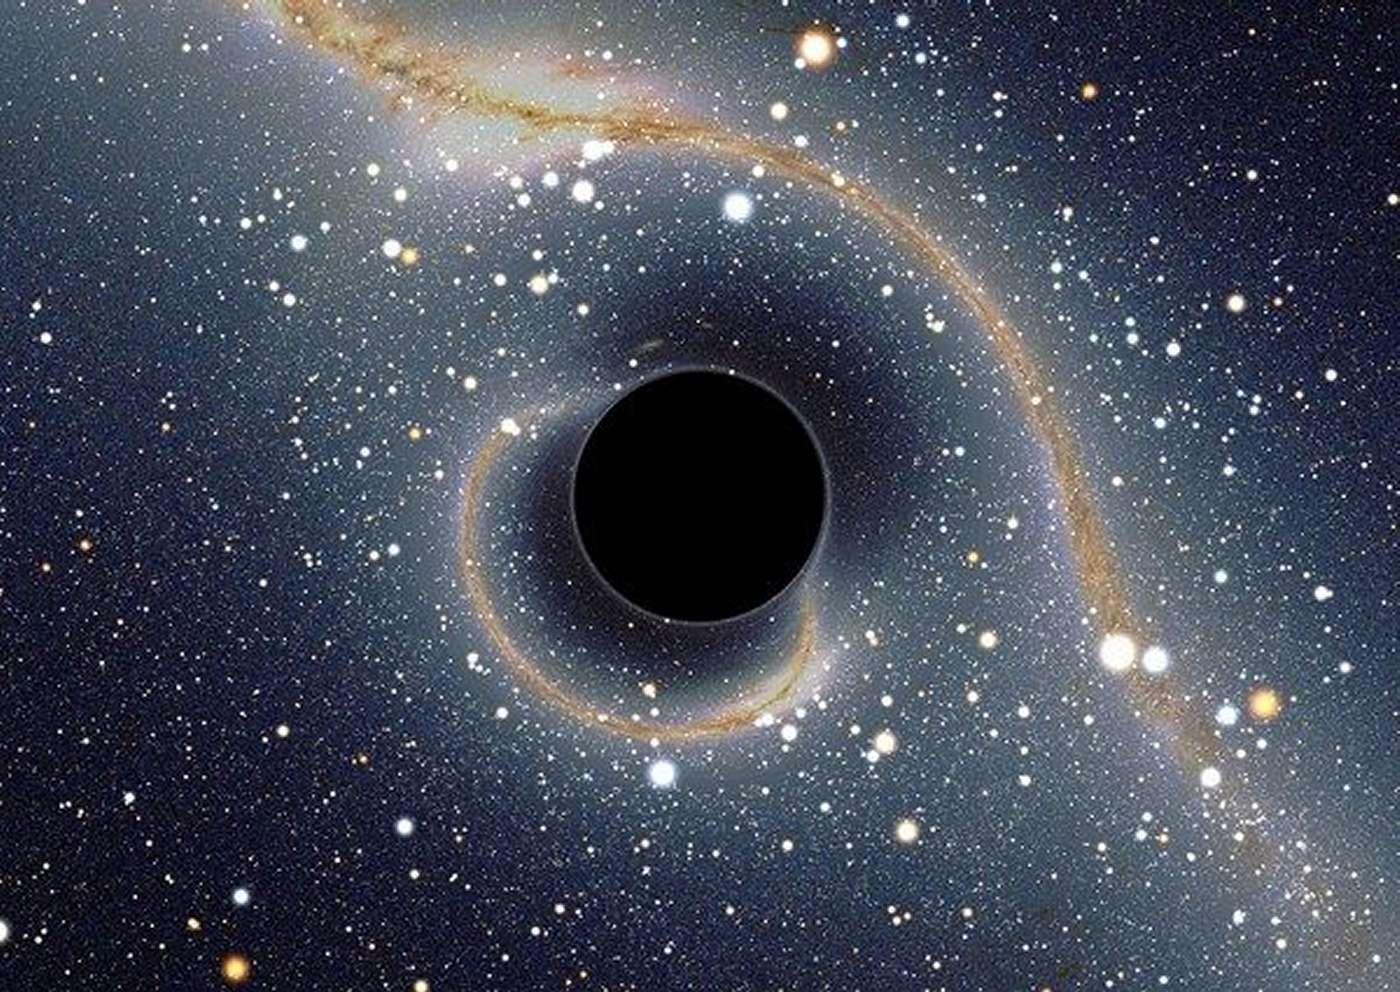 Les trous noirs ne sont observables qu'indirectement. L'astronomie gravitationnelle permettra d'en étudier des effets directs. © Alain Riazuelo, IAP